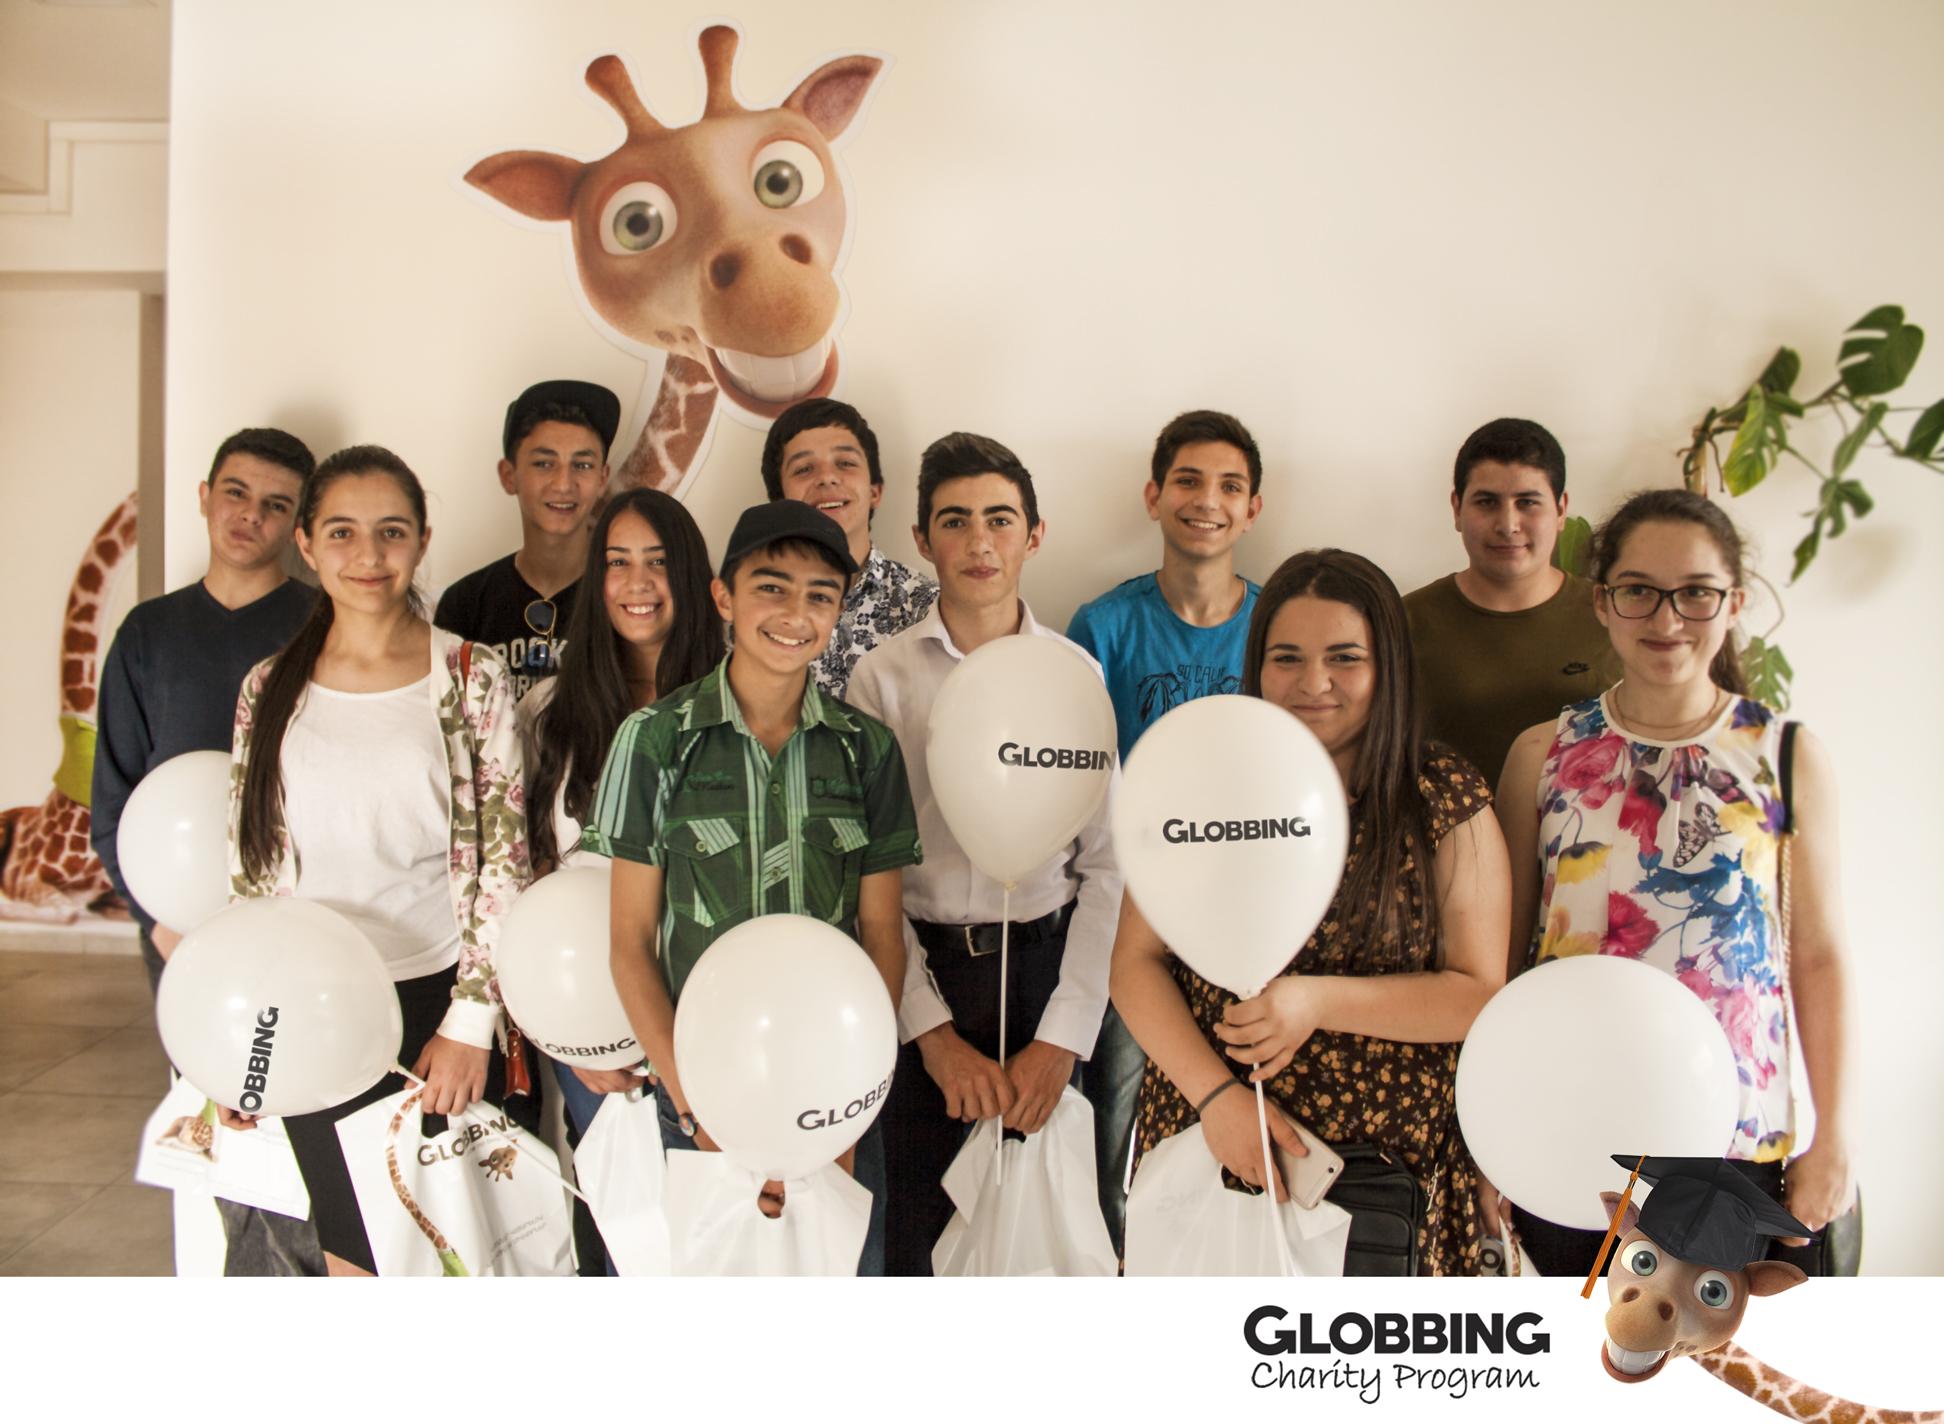 2018թ-ի հունիսի 1-ից մեկնարկել է Globbing Charity Program բարեգործական ծրագիրը